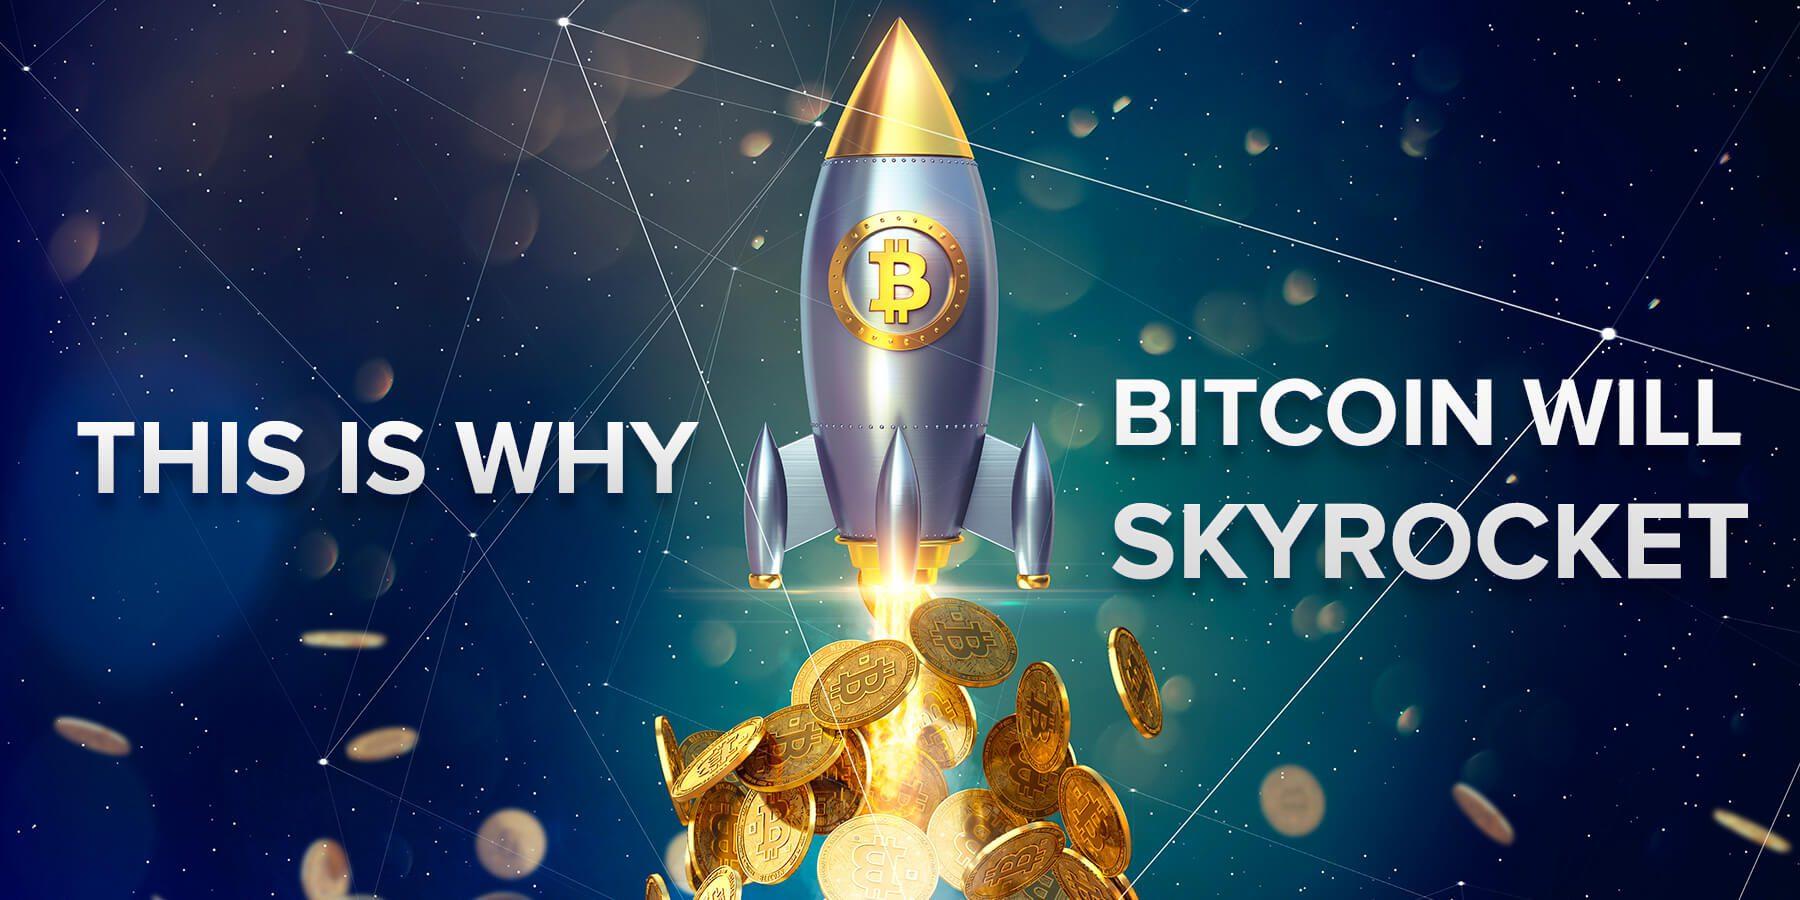 bitcoin preț skyrocket